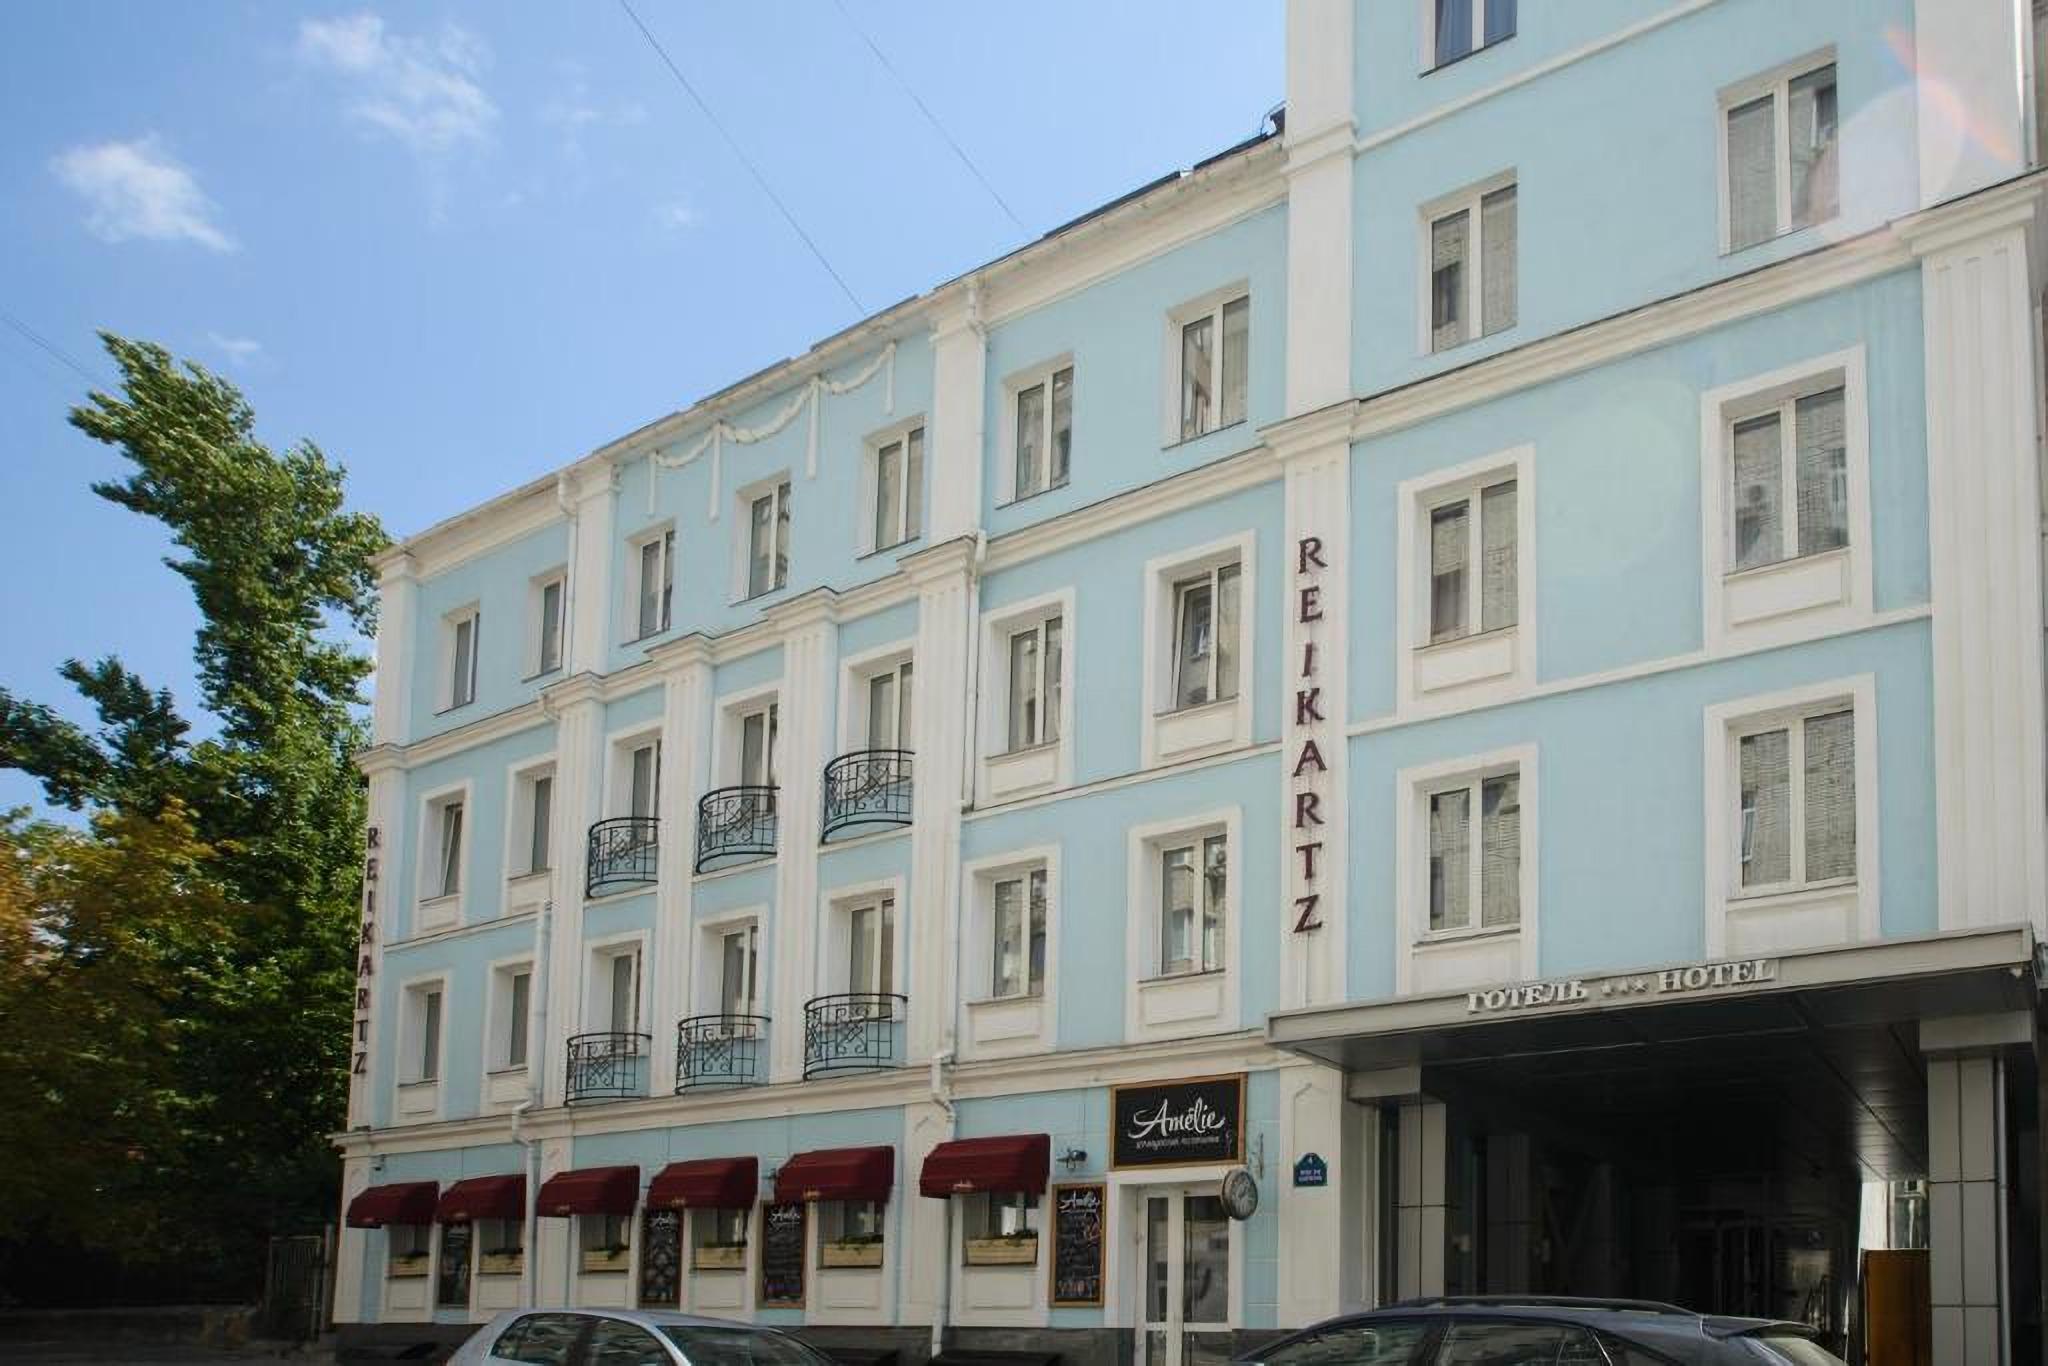 The Reikartz Hotel Kharkiv